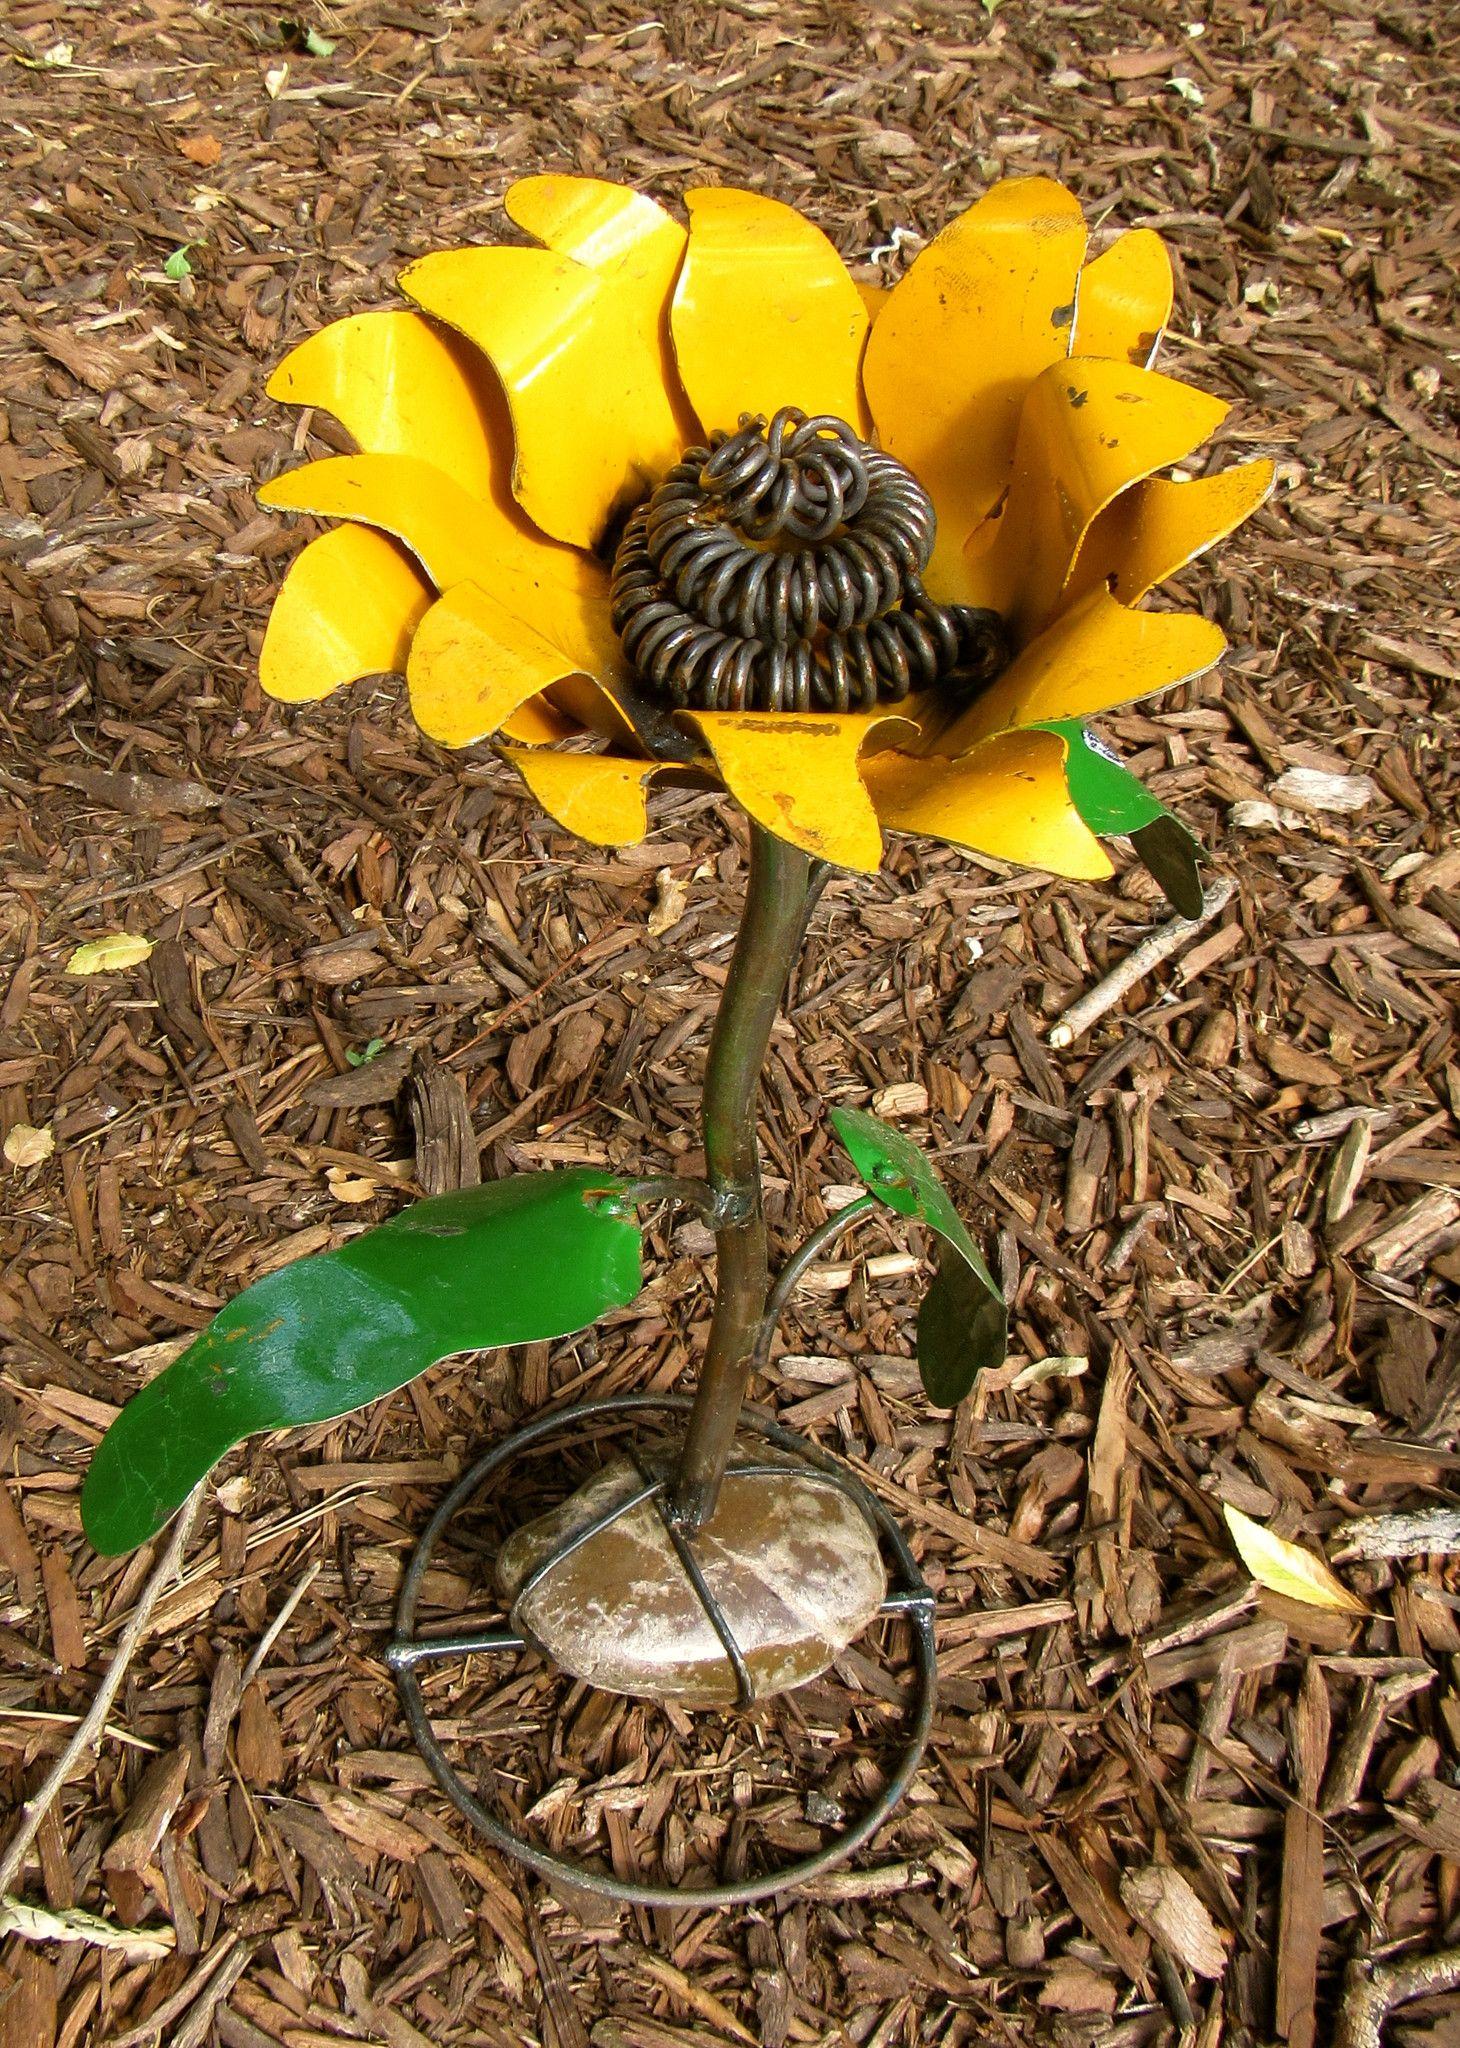 Poppy flower stake garden art poppy strong metal yard art flower - Yard Art Metal Sunflower Sculpture